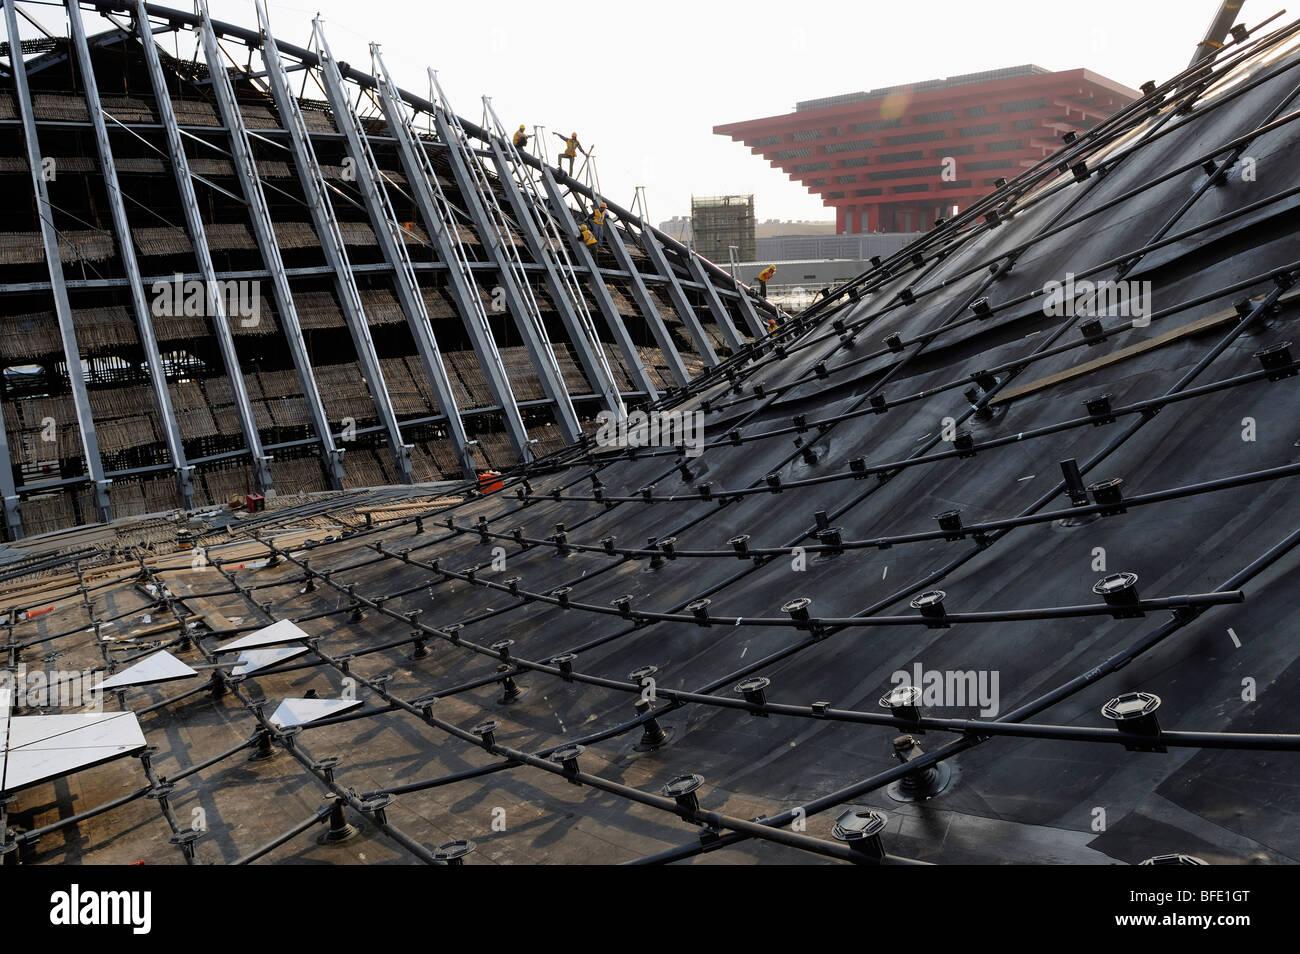 Baustelle der World Expo 2010 in Shanghai China.15-Oct-2009 Stockbild